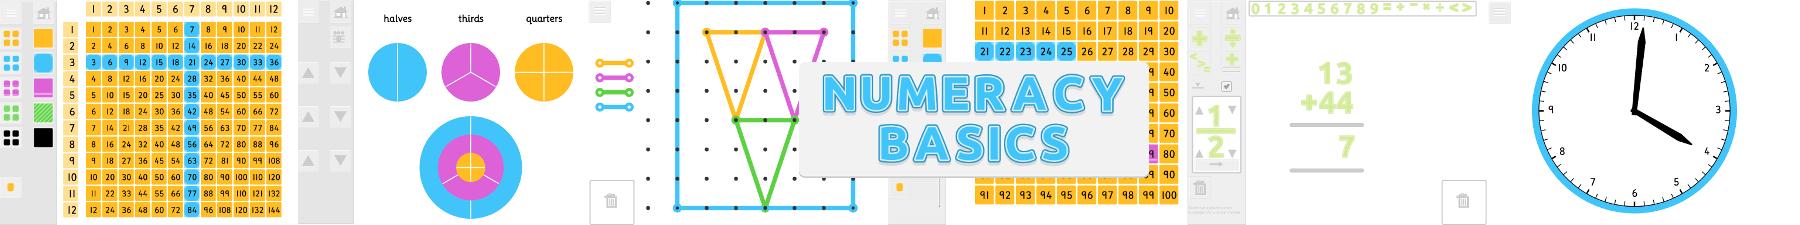 Numeracy Basics App